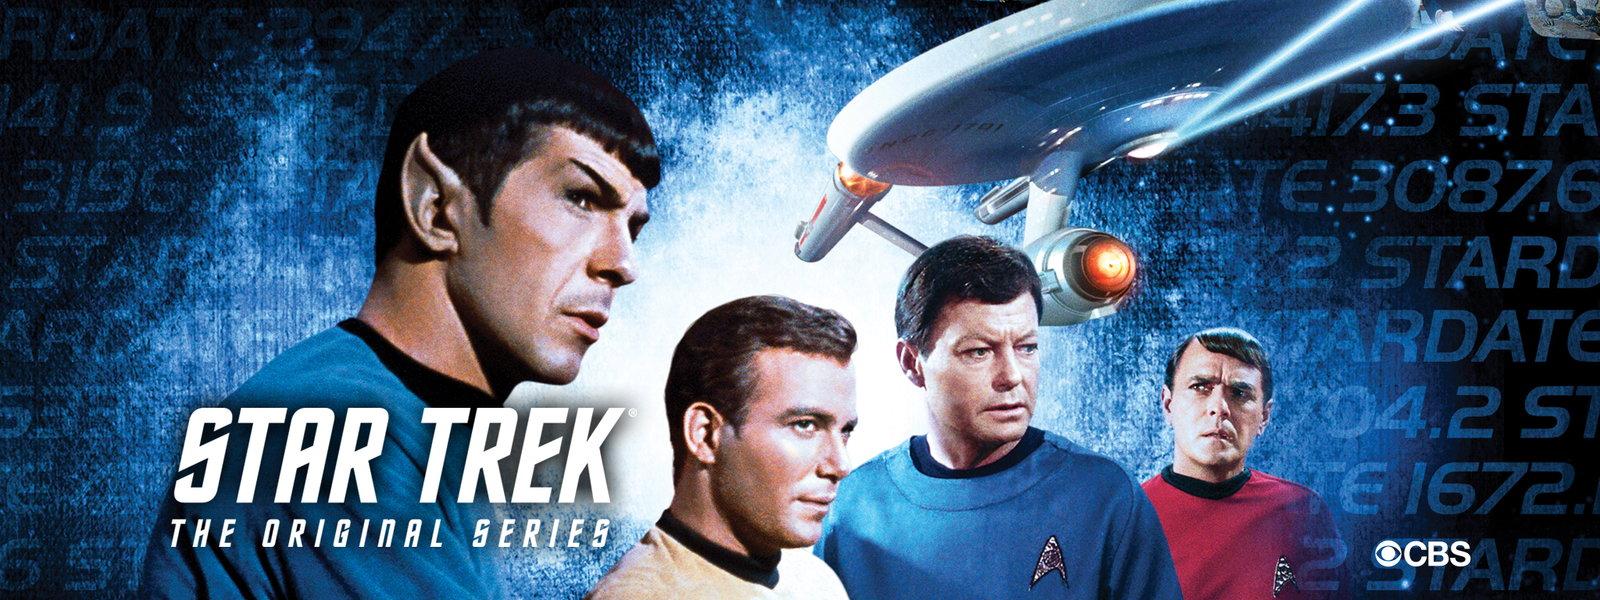 Vuelve 'Star Trek' de la mano de CBS. «Larga vida y prosperidad»